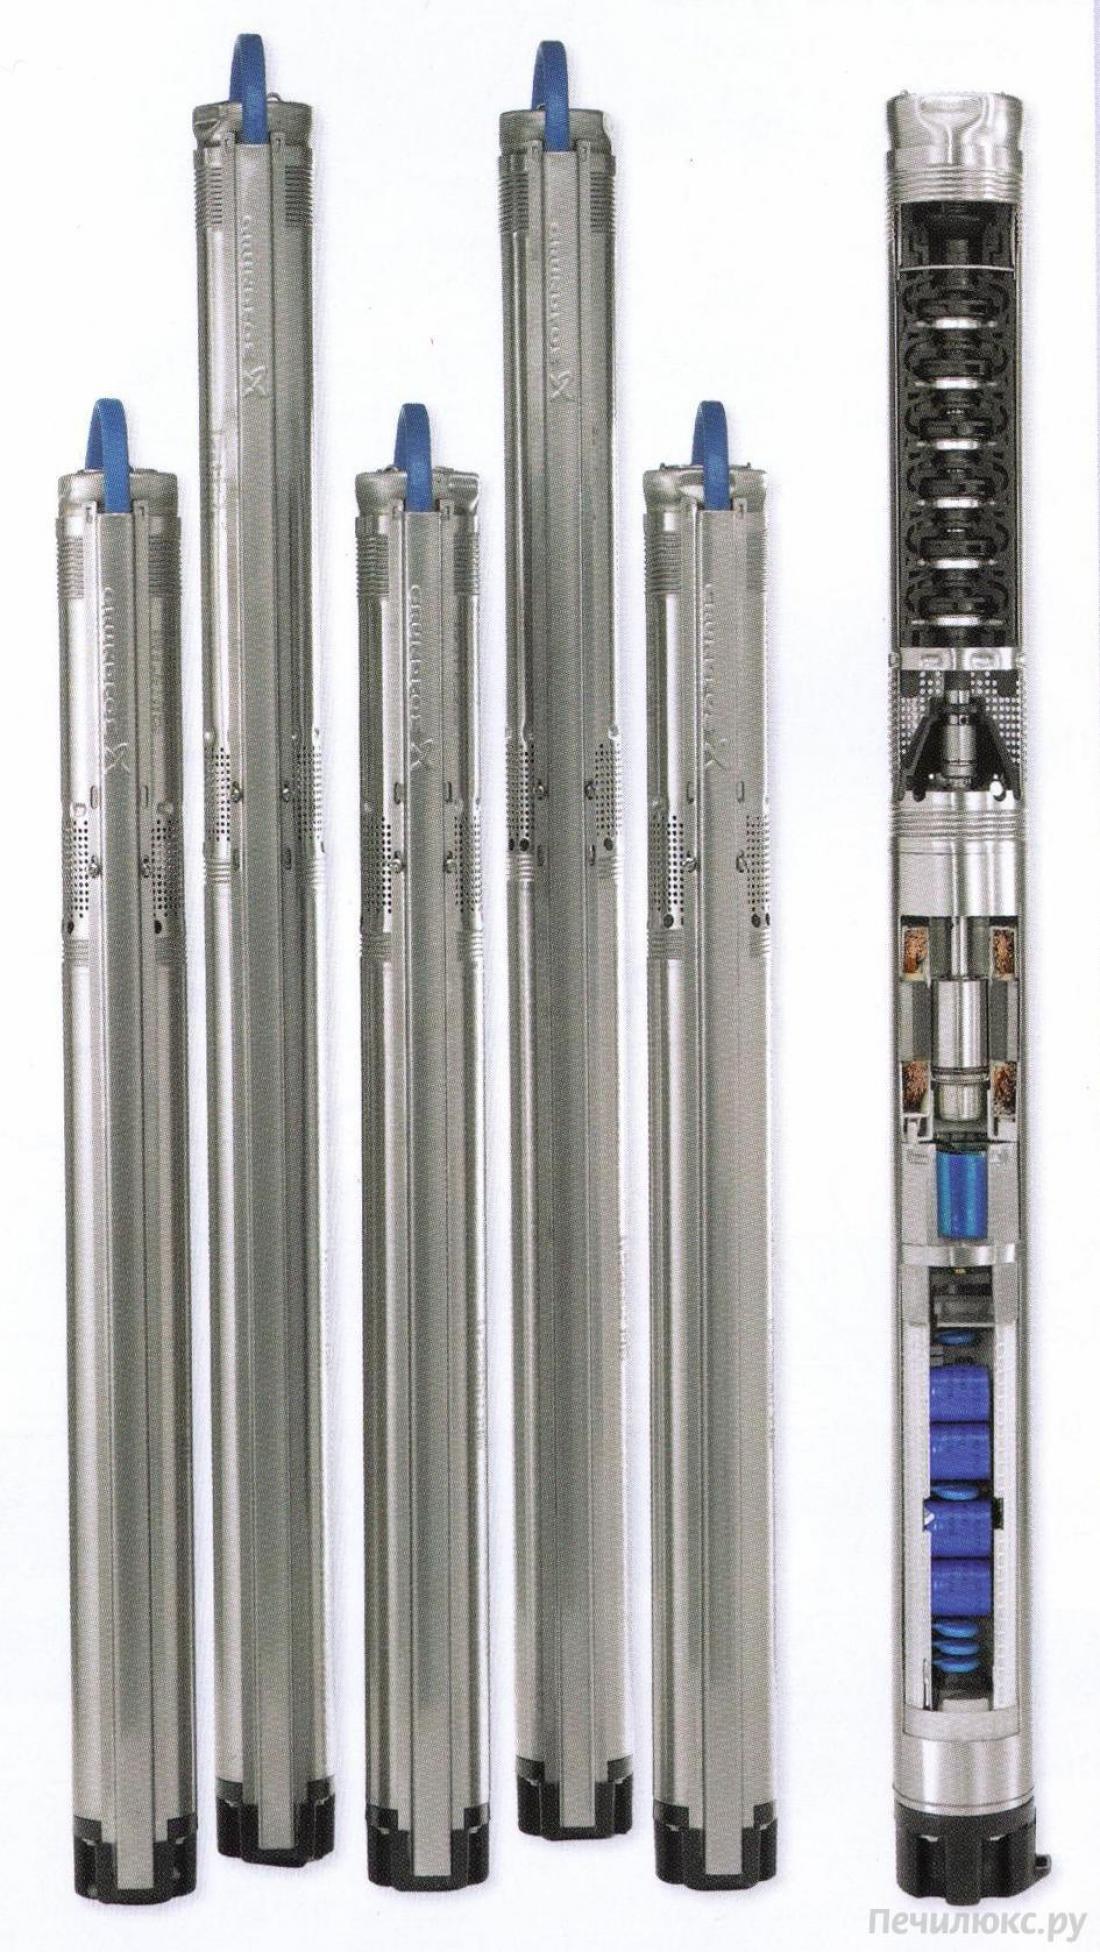 SQE 5- 70     1.85kW 200-240V 50/60Hz